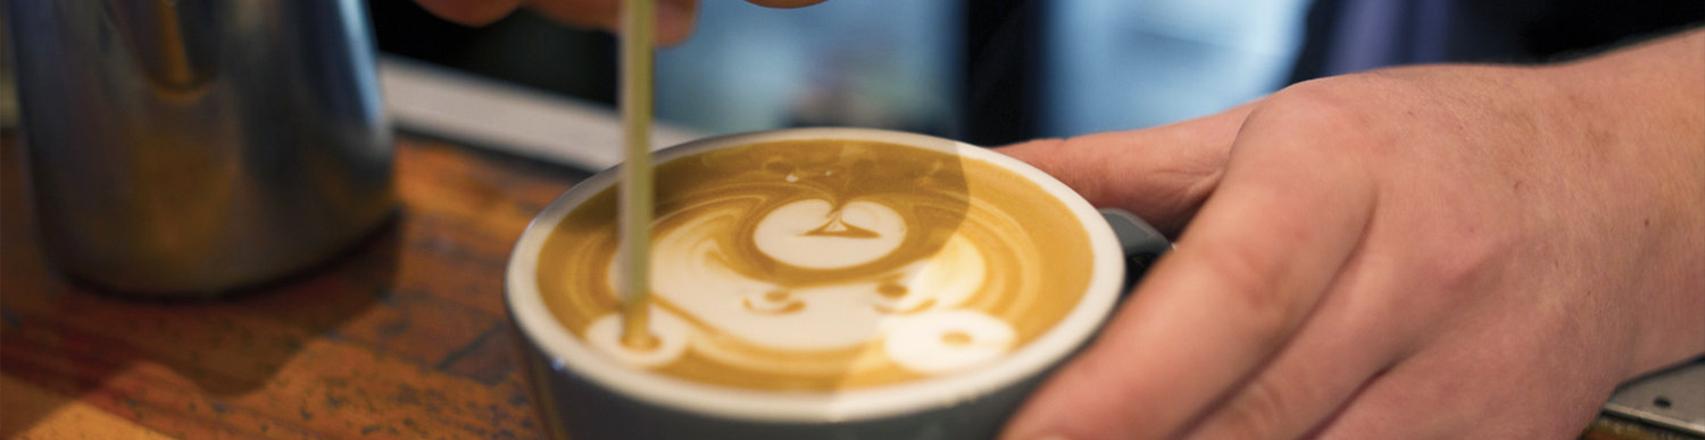 как оценить кофе? как выбрать кофе? Интернет-магазин Germmarket.ru